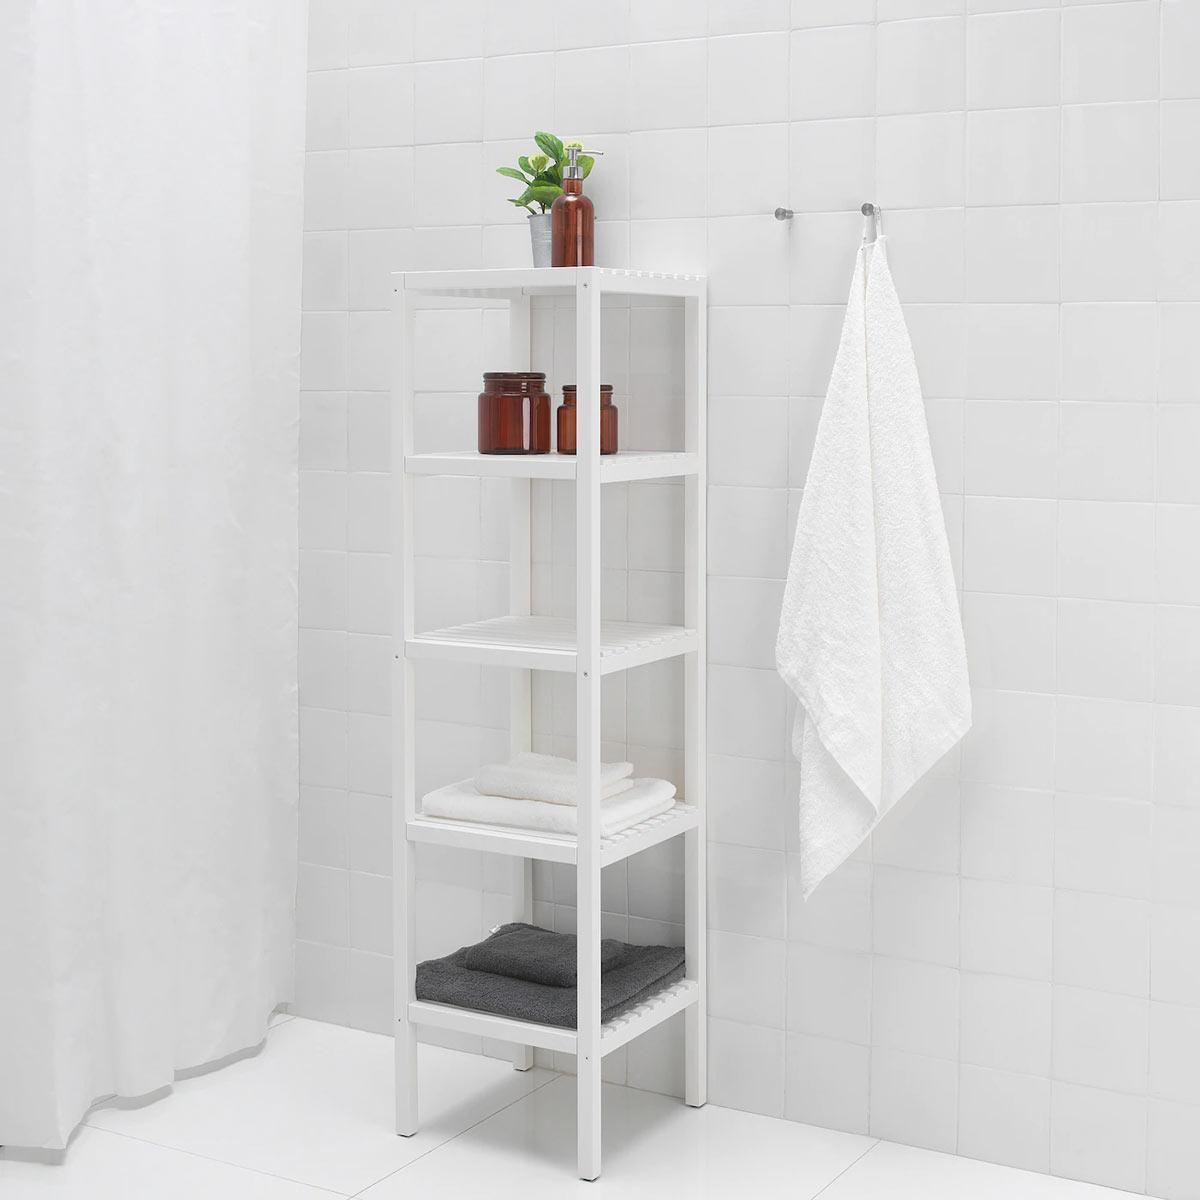 Il catalogo mobili bagno ikea è ricco di offerte e collezioni che. Ikea Bagno I Mobili Del Catalogo 2020 Lasciati Ispirare